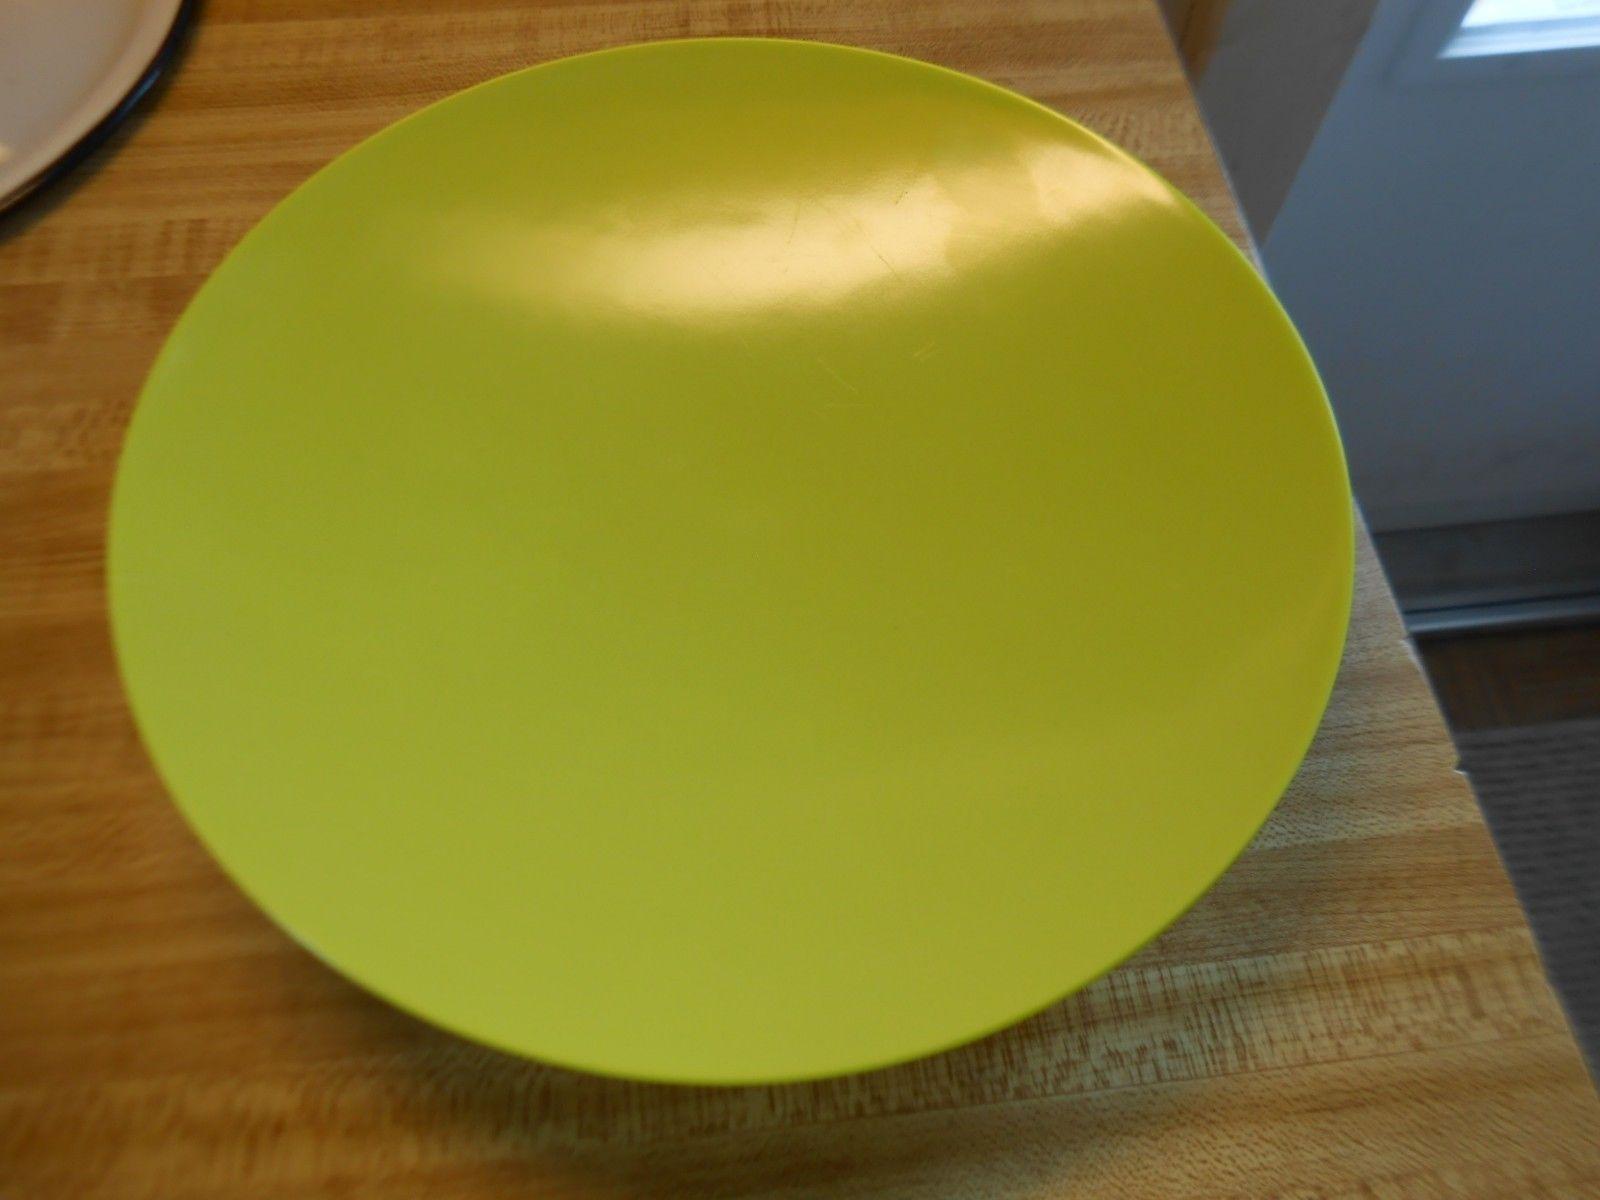 melamine plate Zak designs Crate u0026 Barrel Lotus green plate 9  lunch plate & melamine plate Zak designs Crate u0026 Barrel and 44 similar items